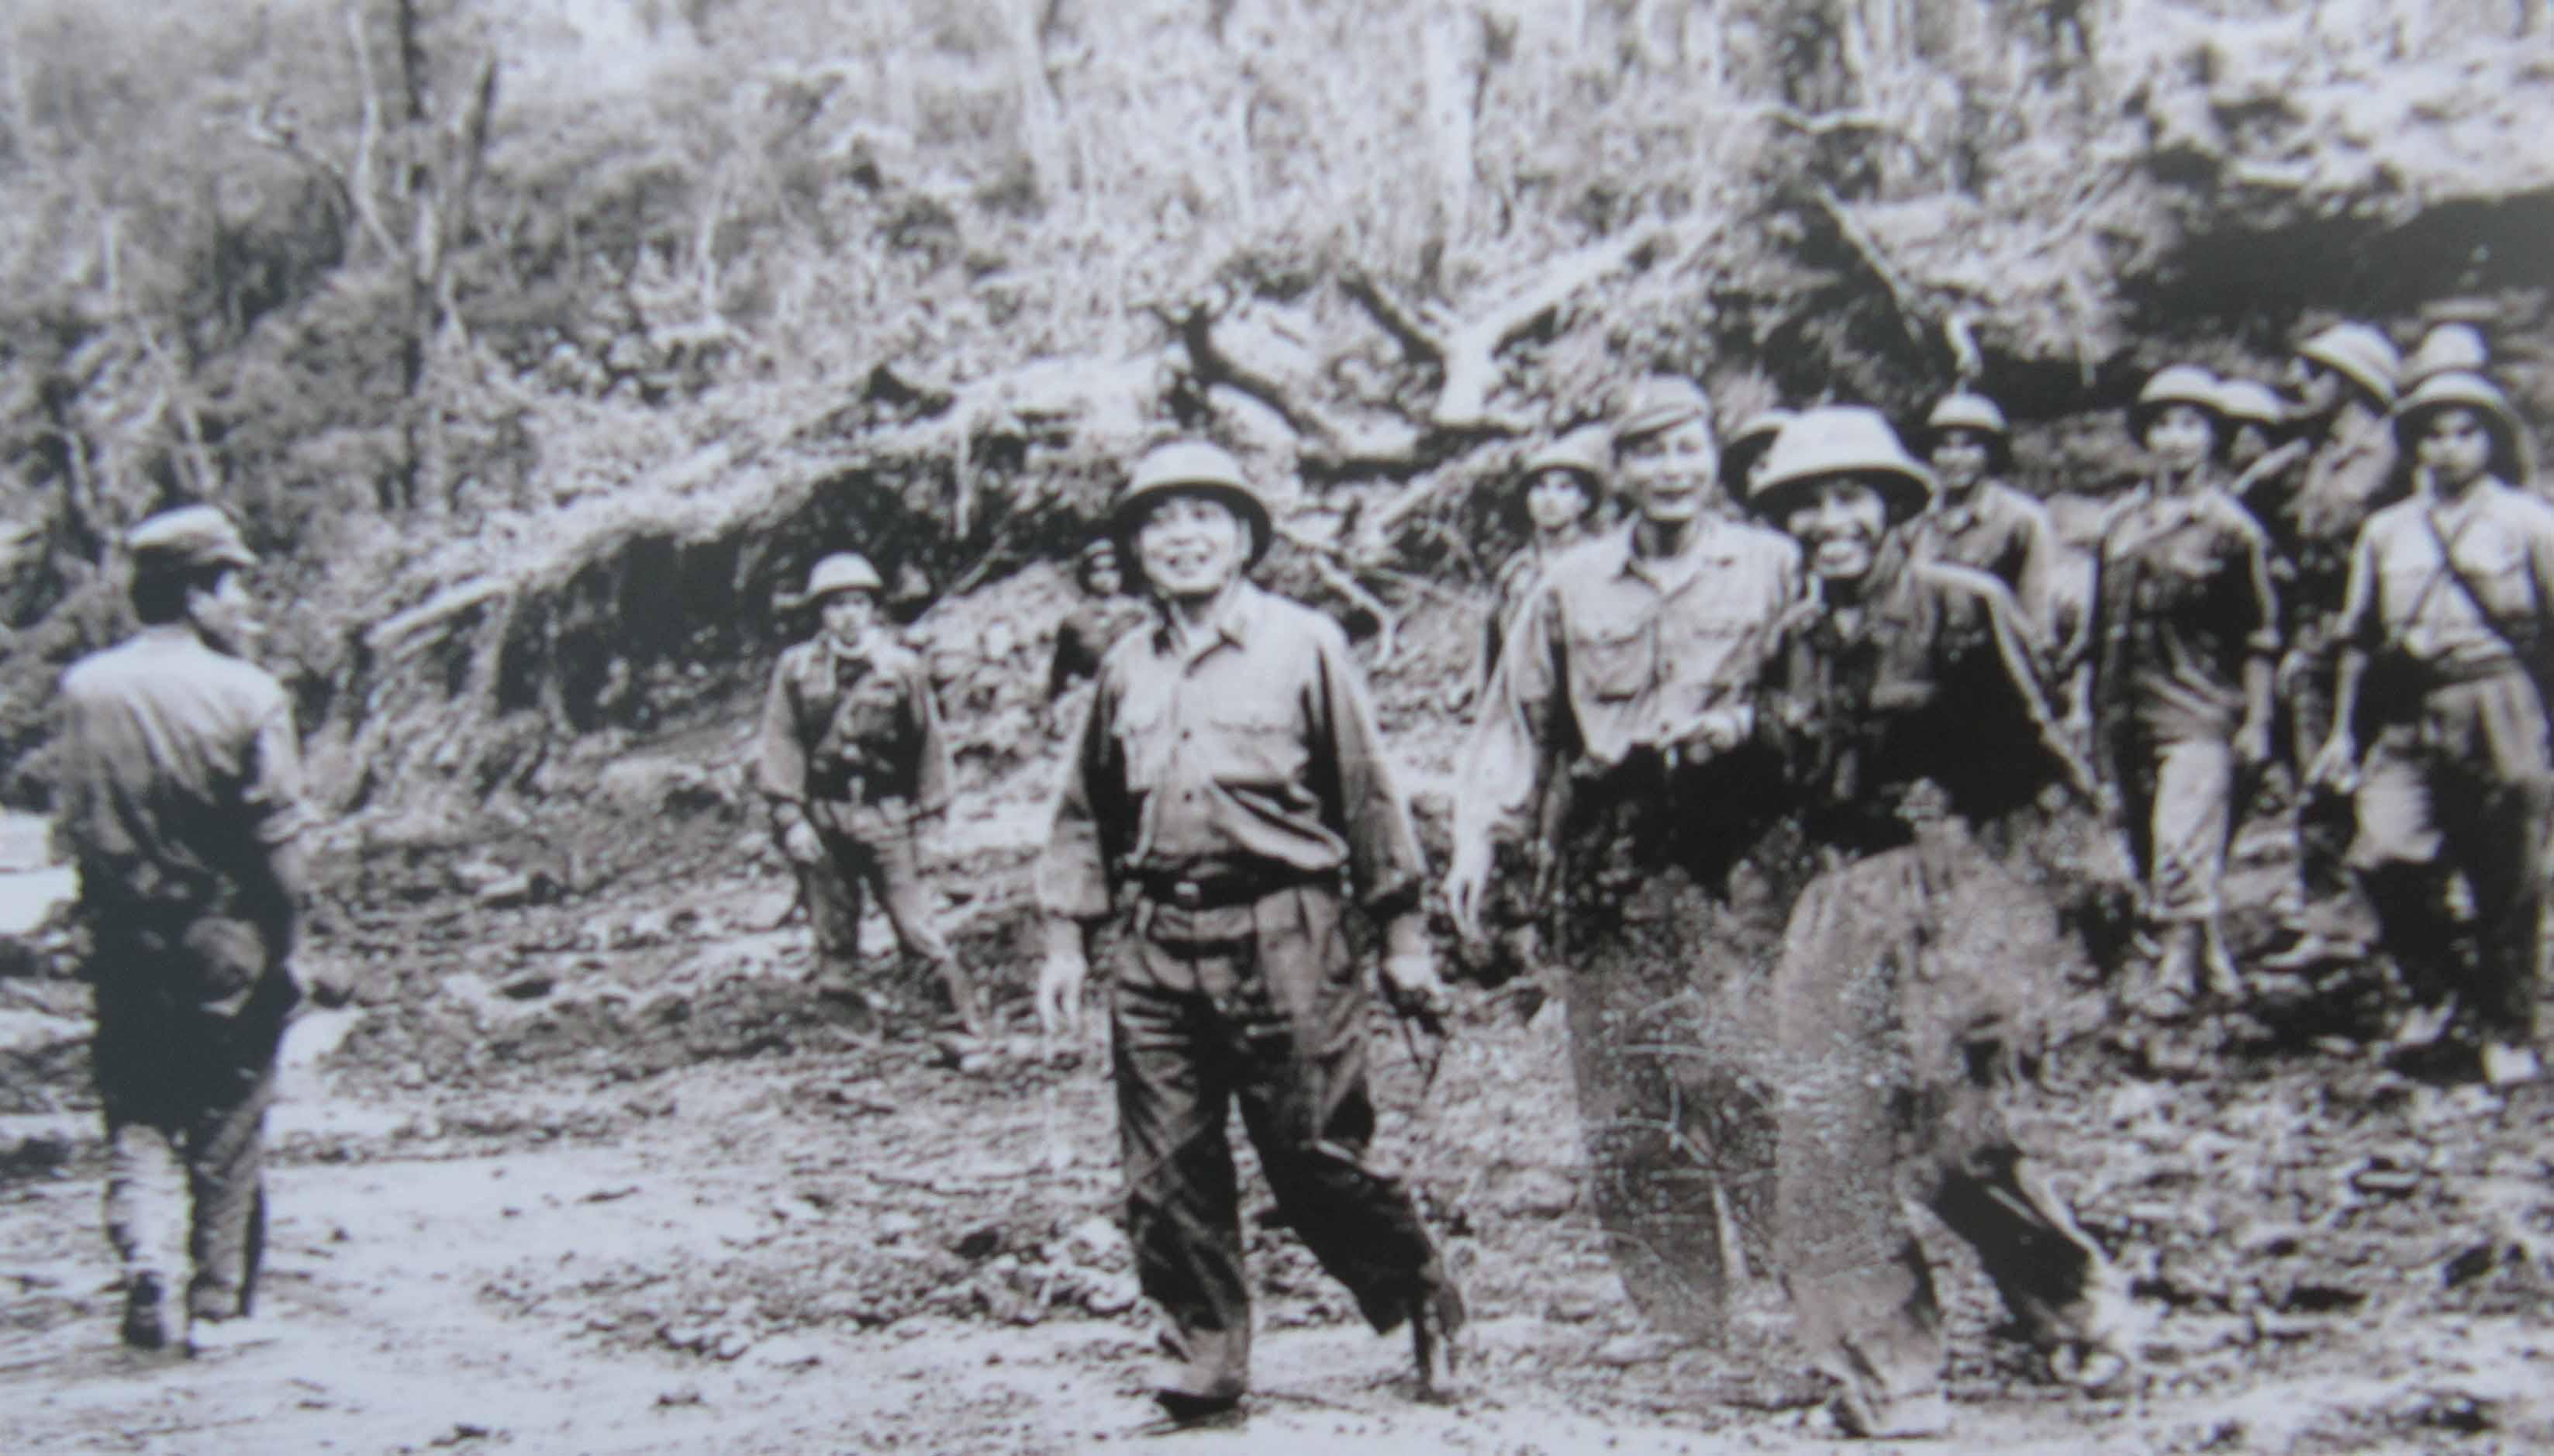 Tư lệnh Đồng Sĩ Nguyên và Chính ủy Đặng Tính hướng dẫn Đại tướng Võ Nguyên Giáp thăm Trường Sơn năm 1973